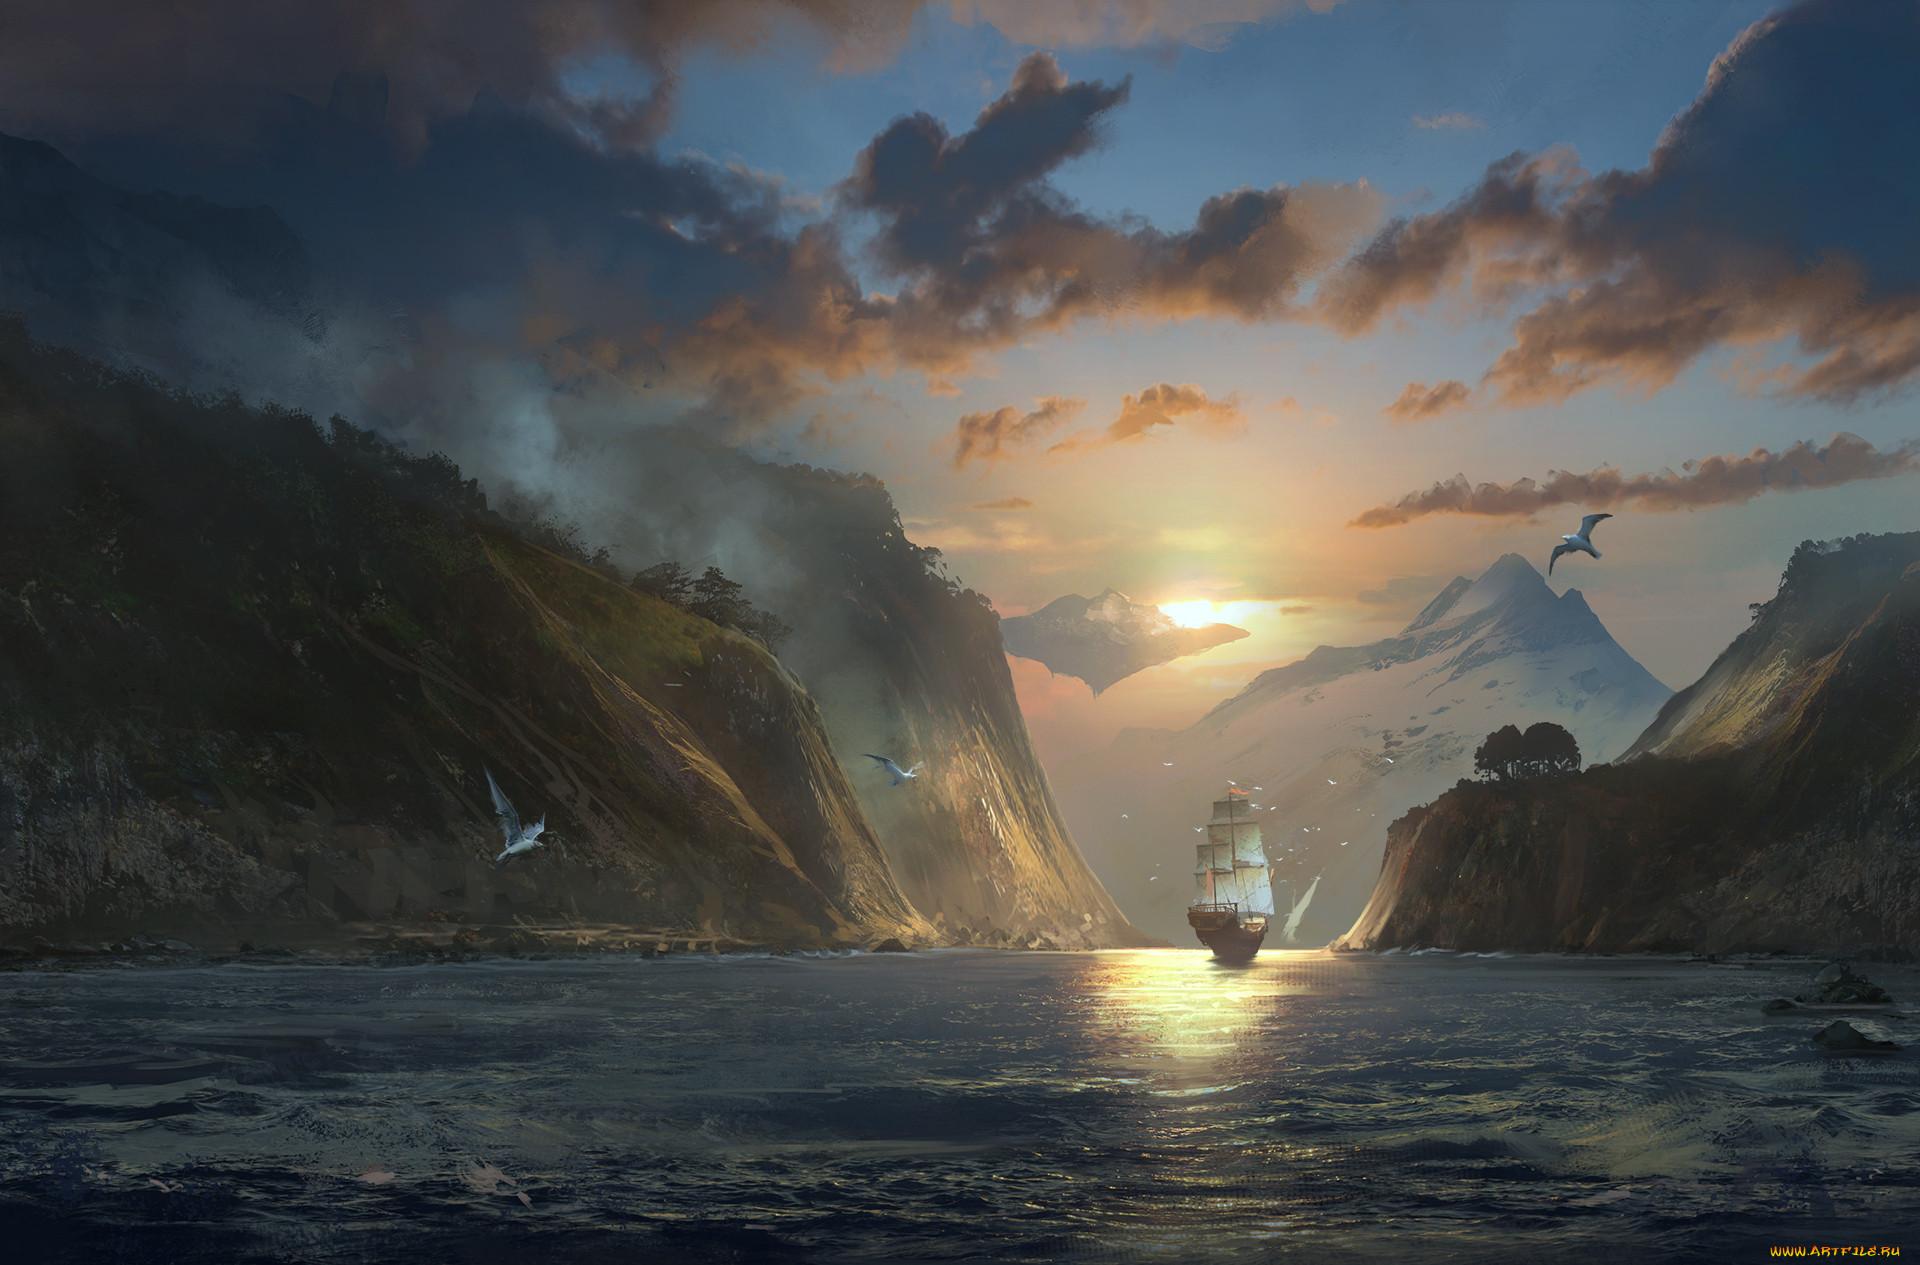 японии картинка корабль море скалы сколько дней максимально